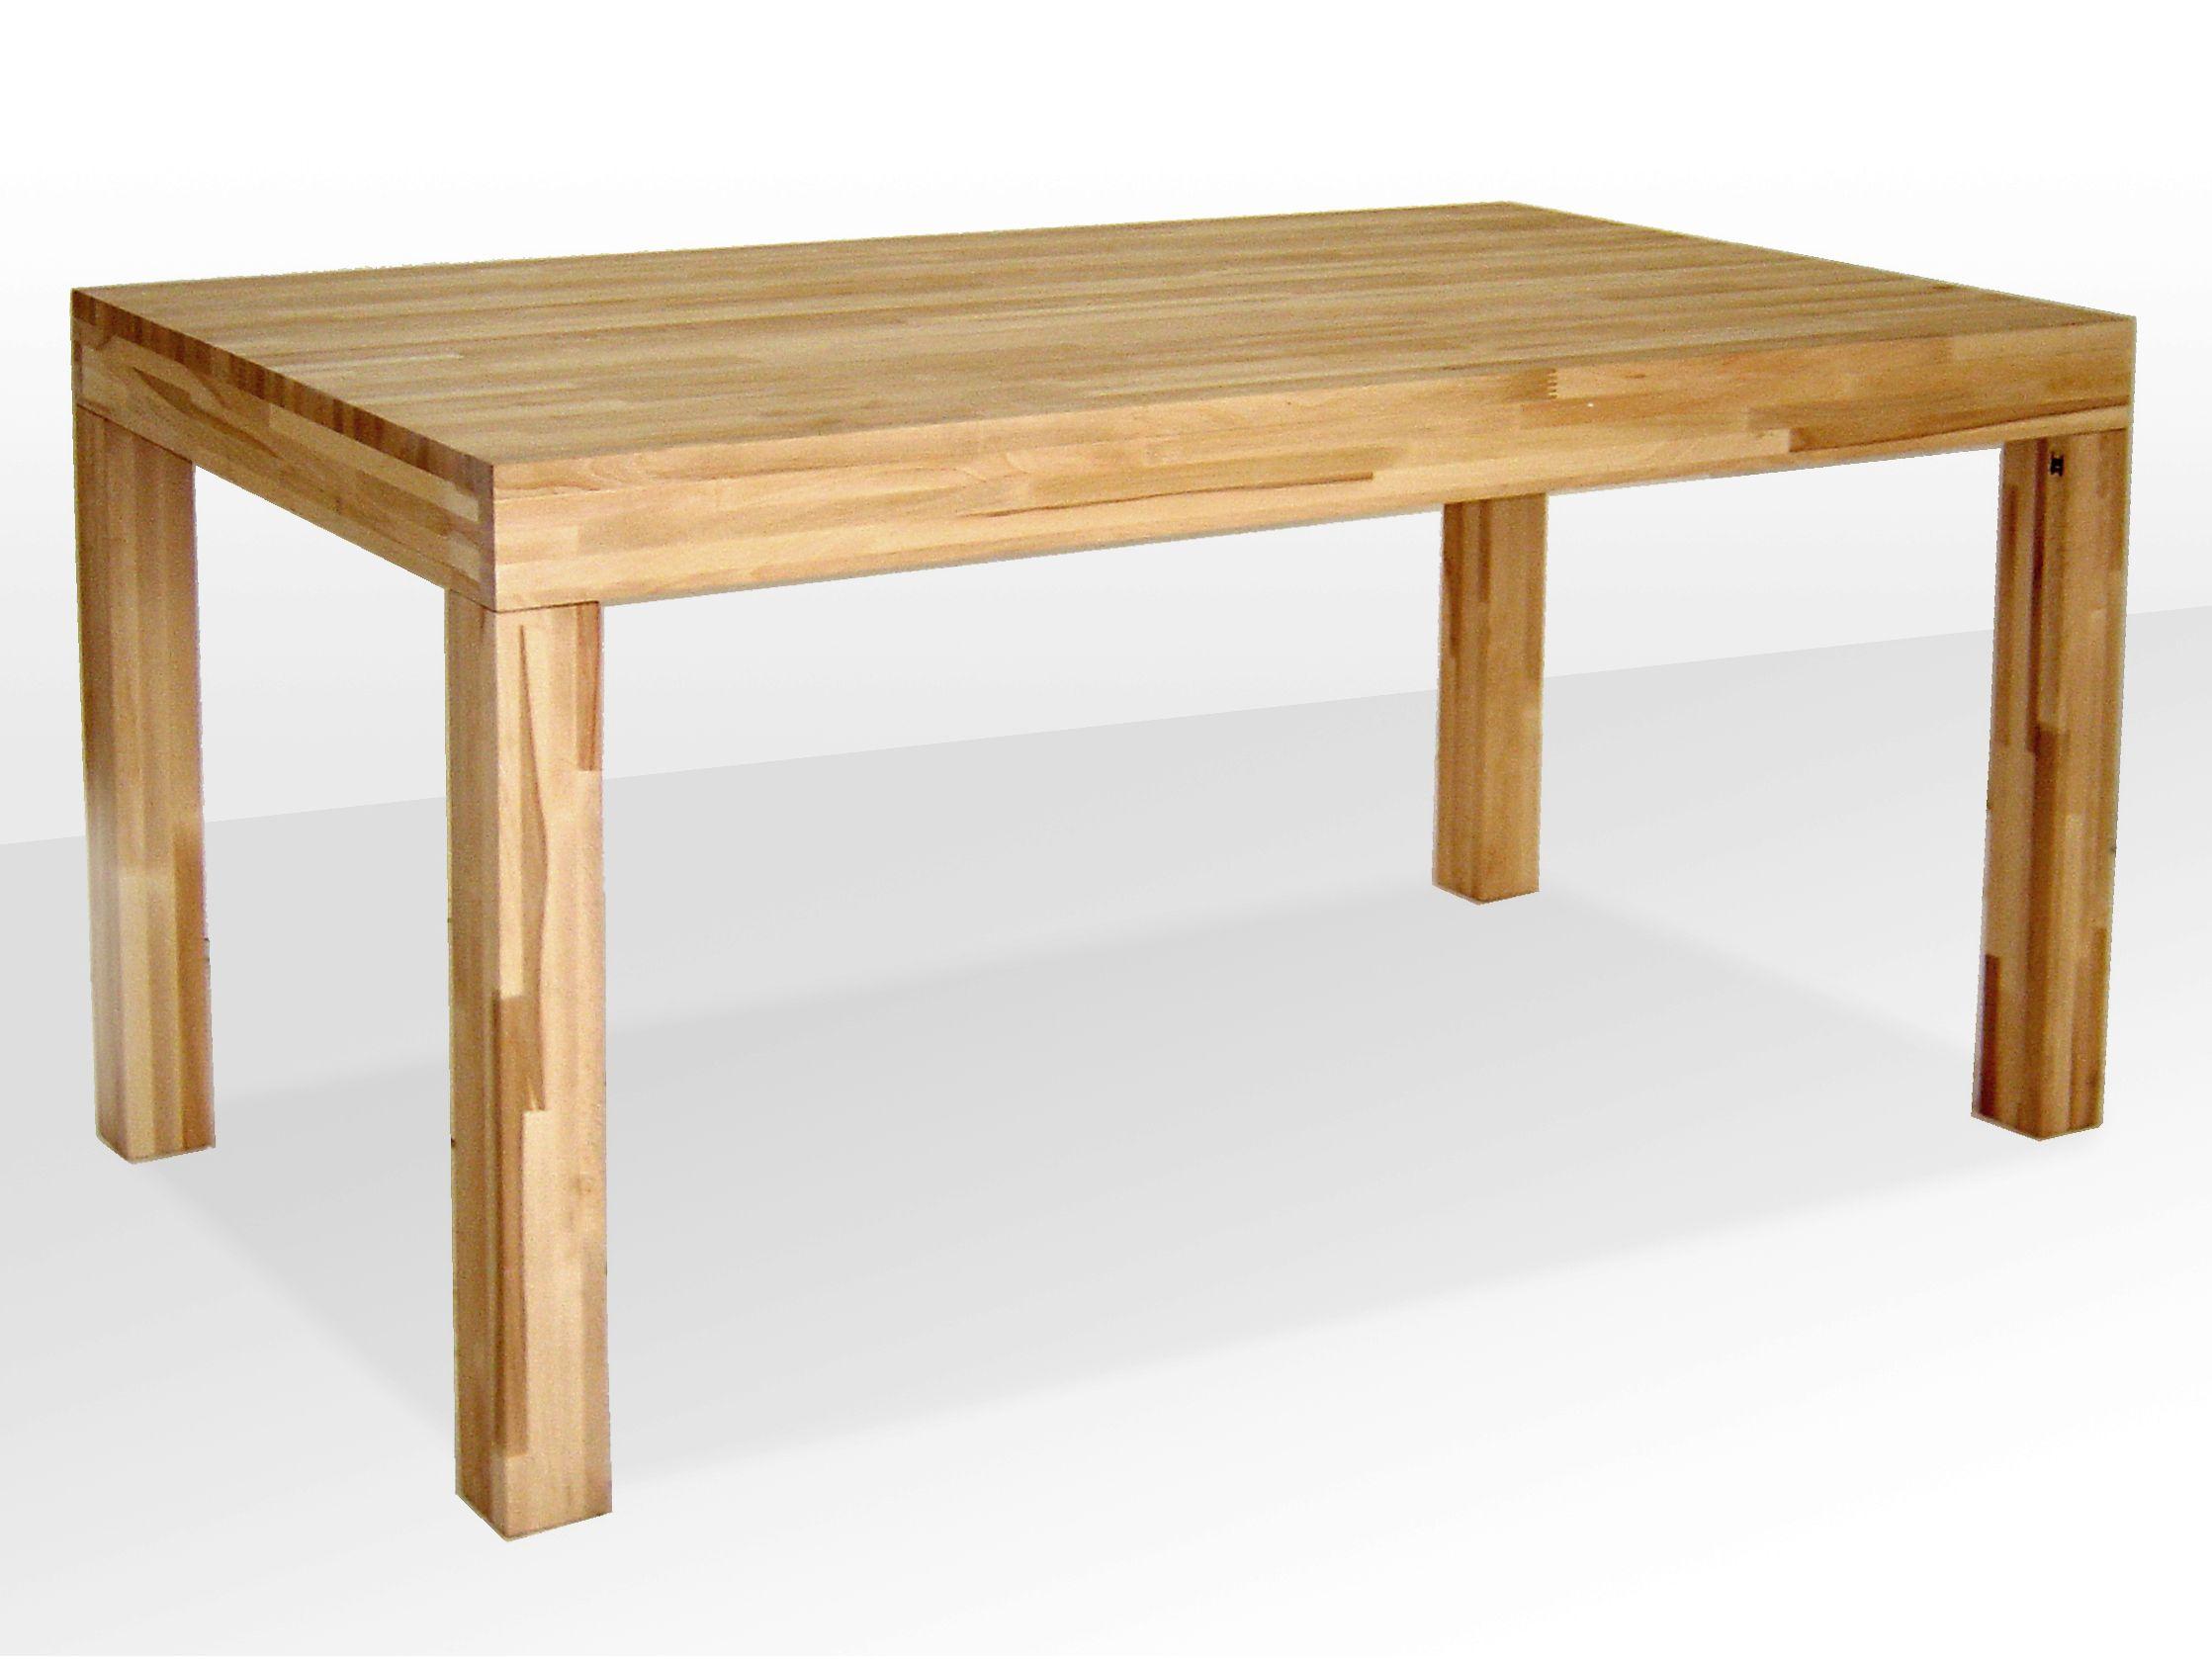 Tavolo in legno by cinius design fabio fenili for Tavolo in legno design